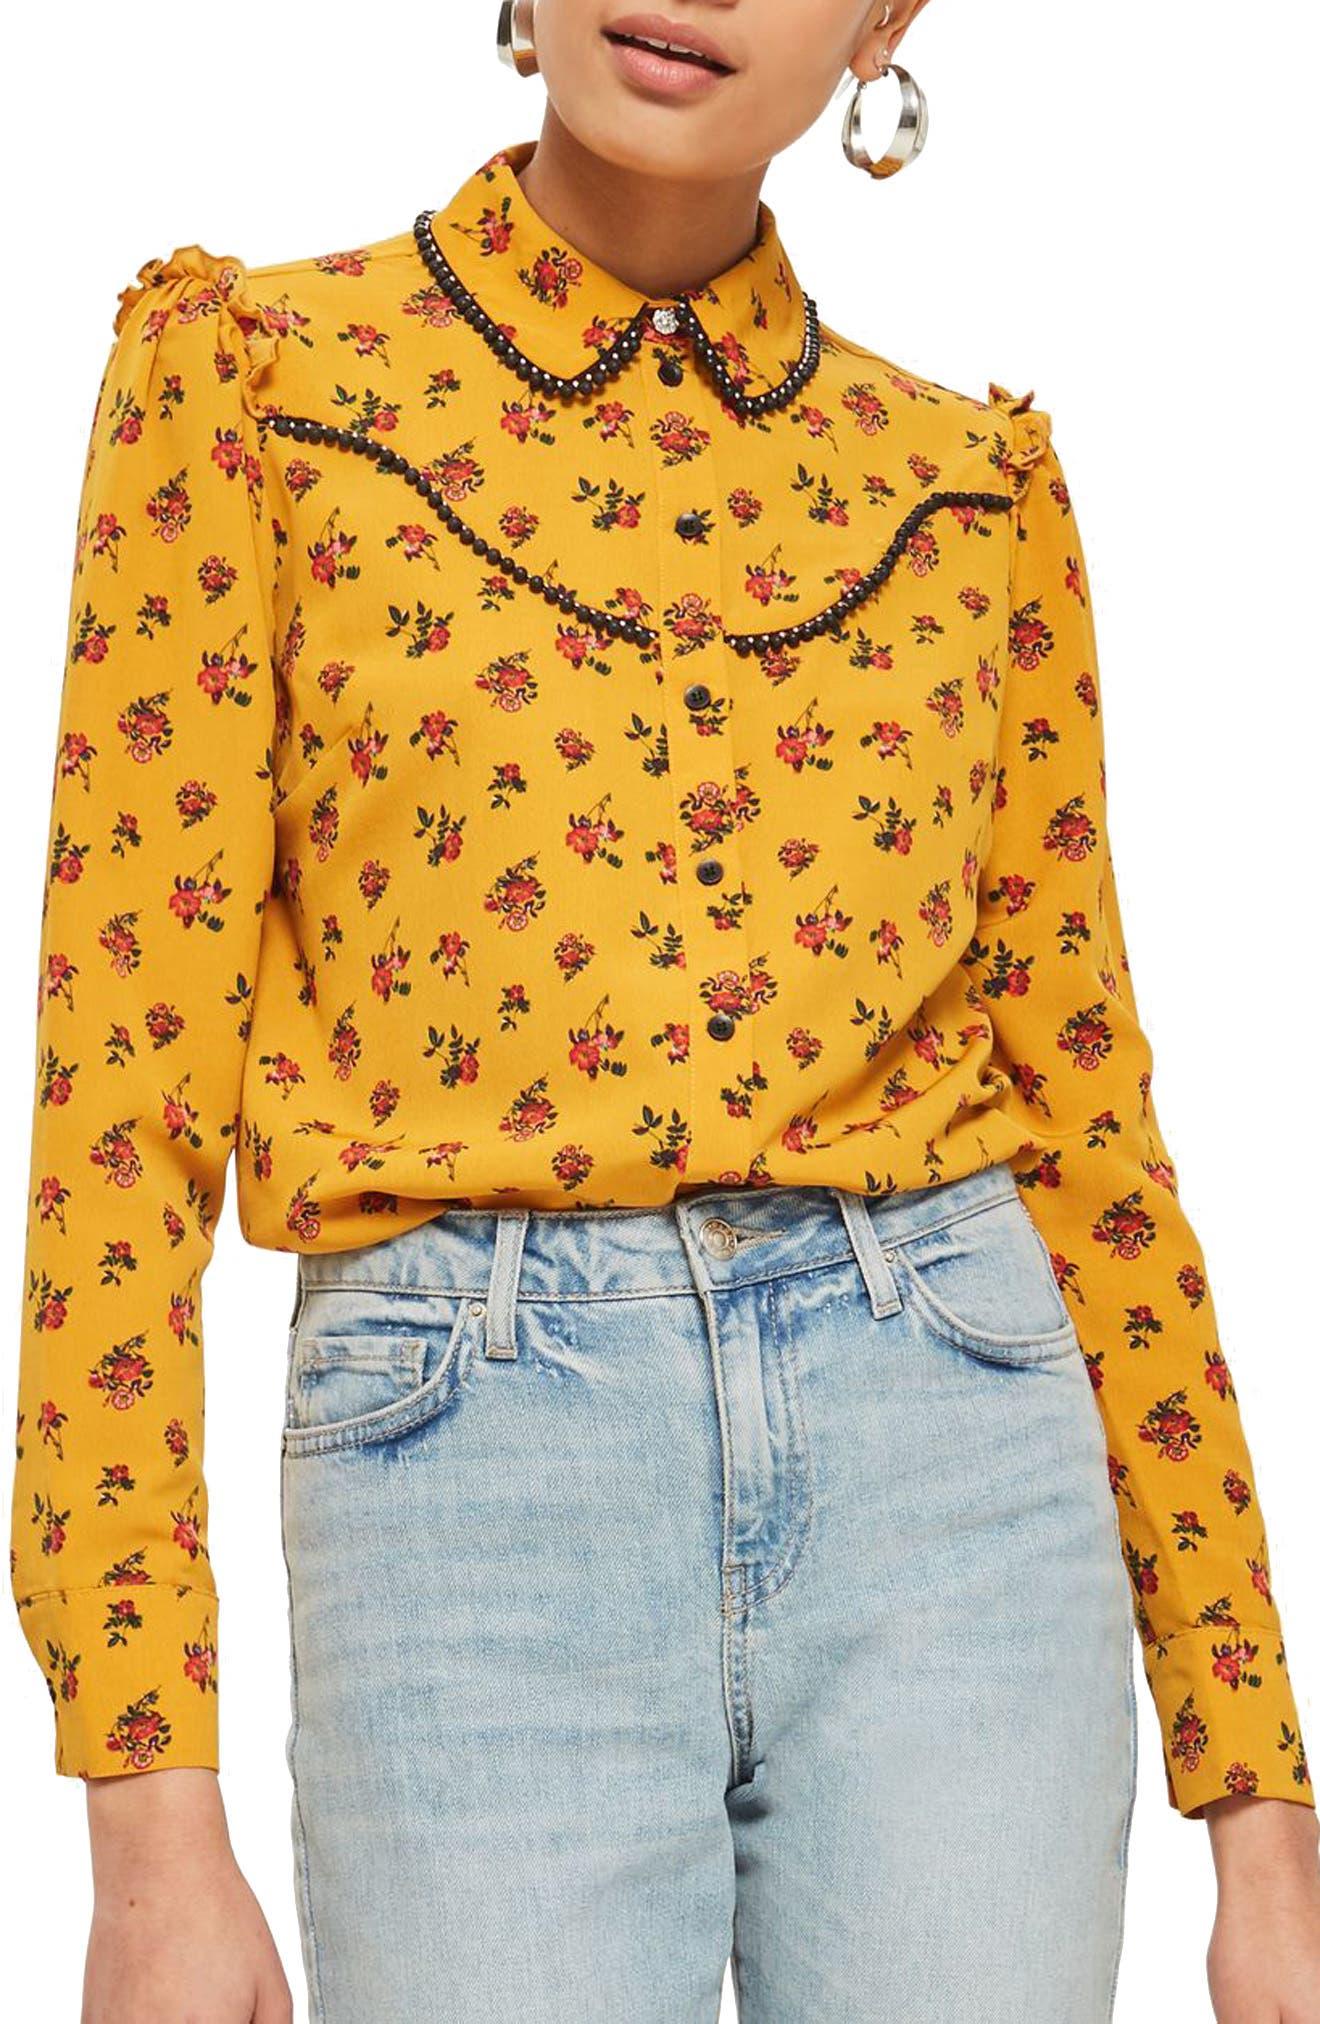 Rodeo Floral Retro Shirt,                             Main thumbnail 1, color,                             Mustard